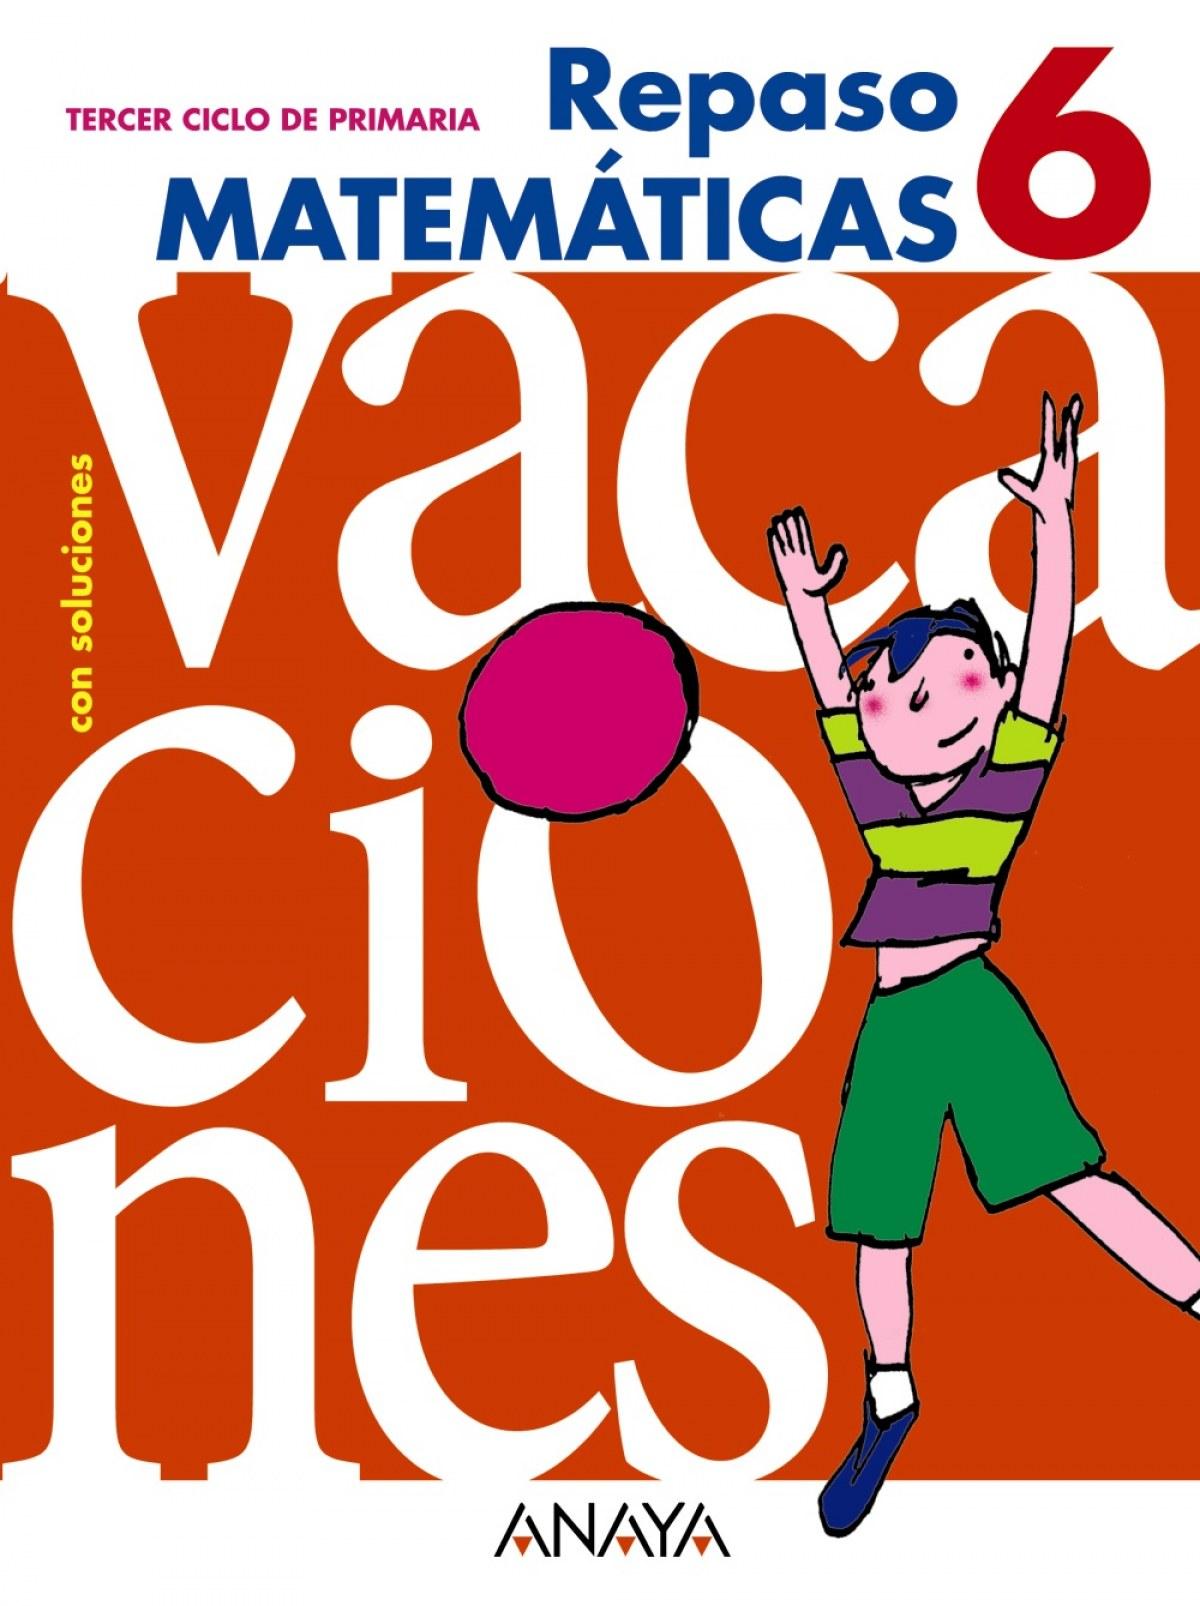 Repaso Matemáticas 6.